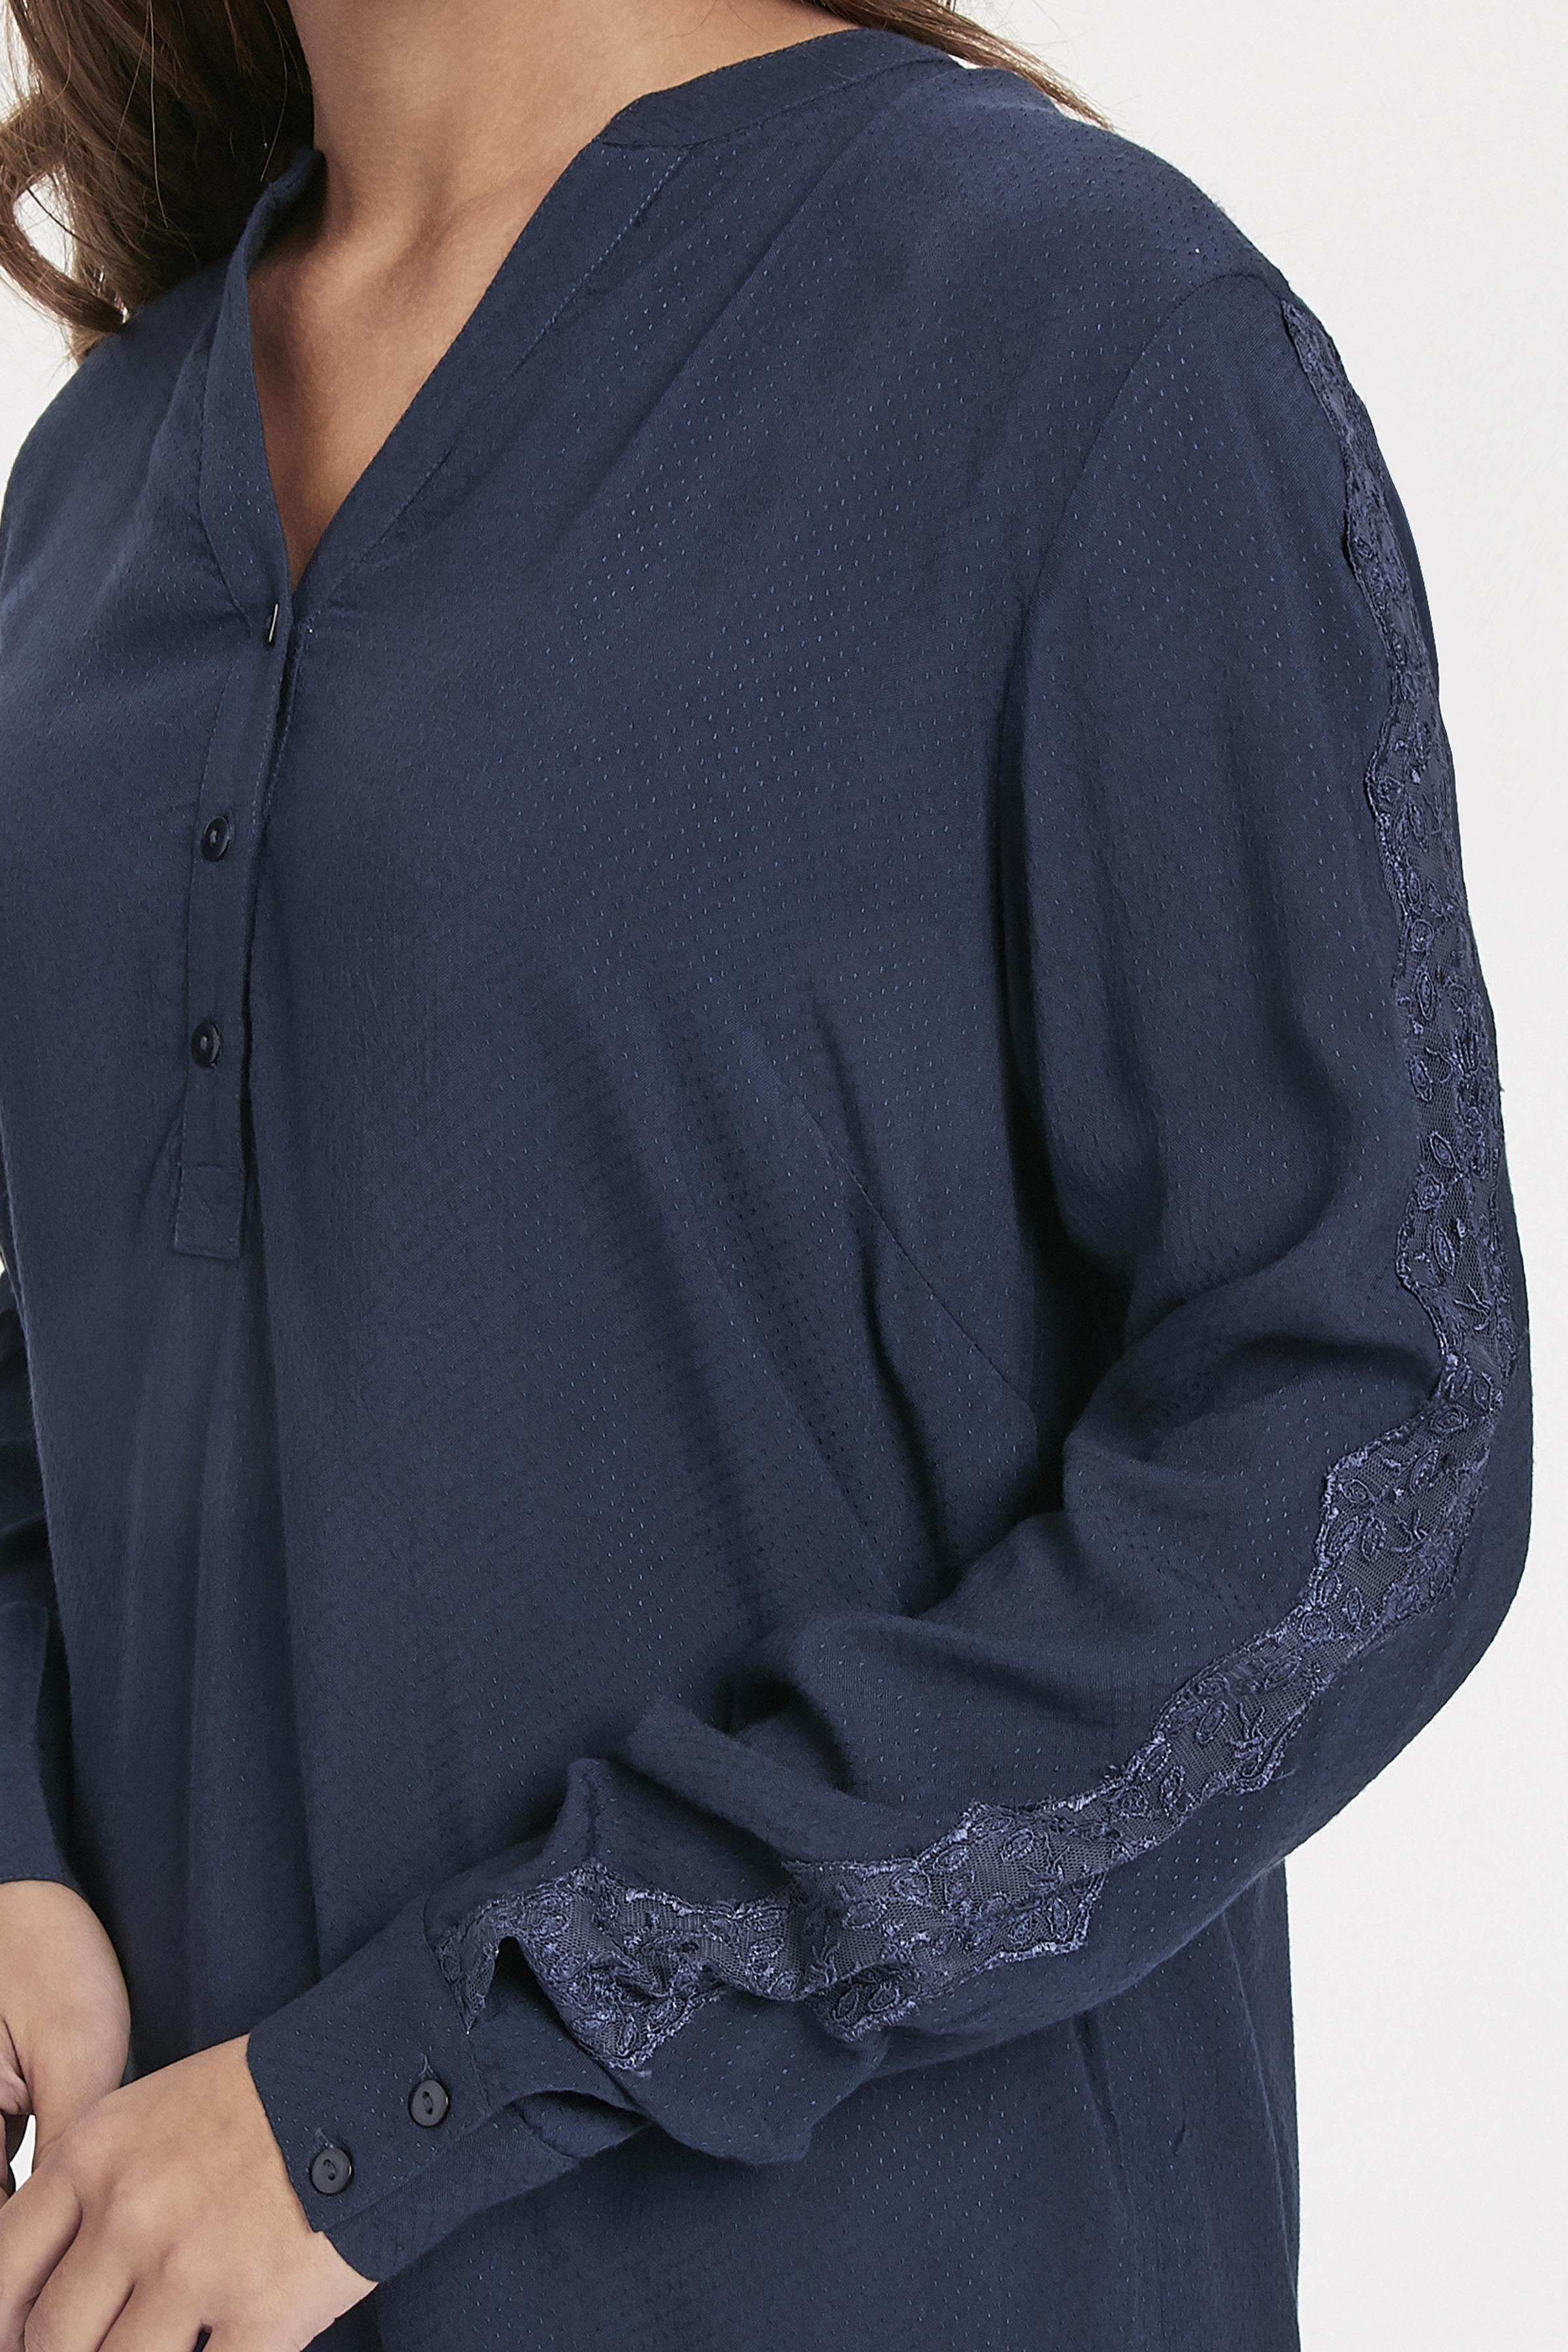 Marinblå Långärmad blus från Bon'A Parte – Köp Marinblå Långärmad blus från stl. S-2XL här